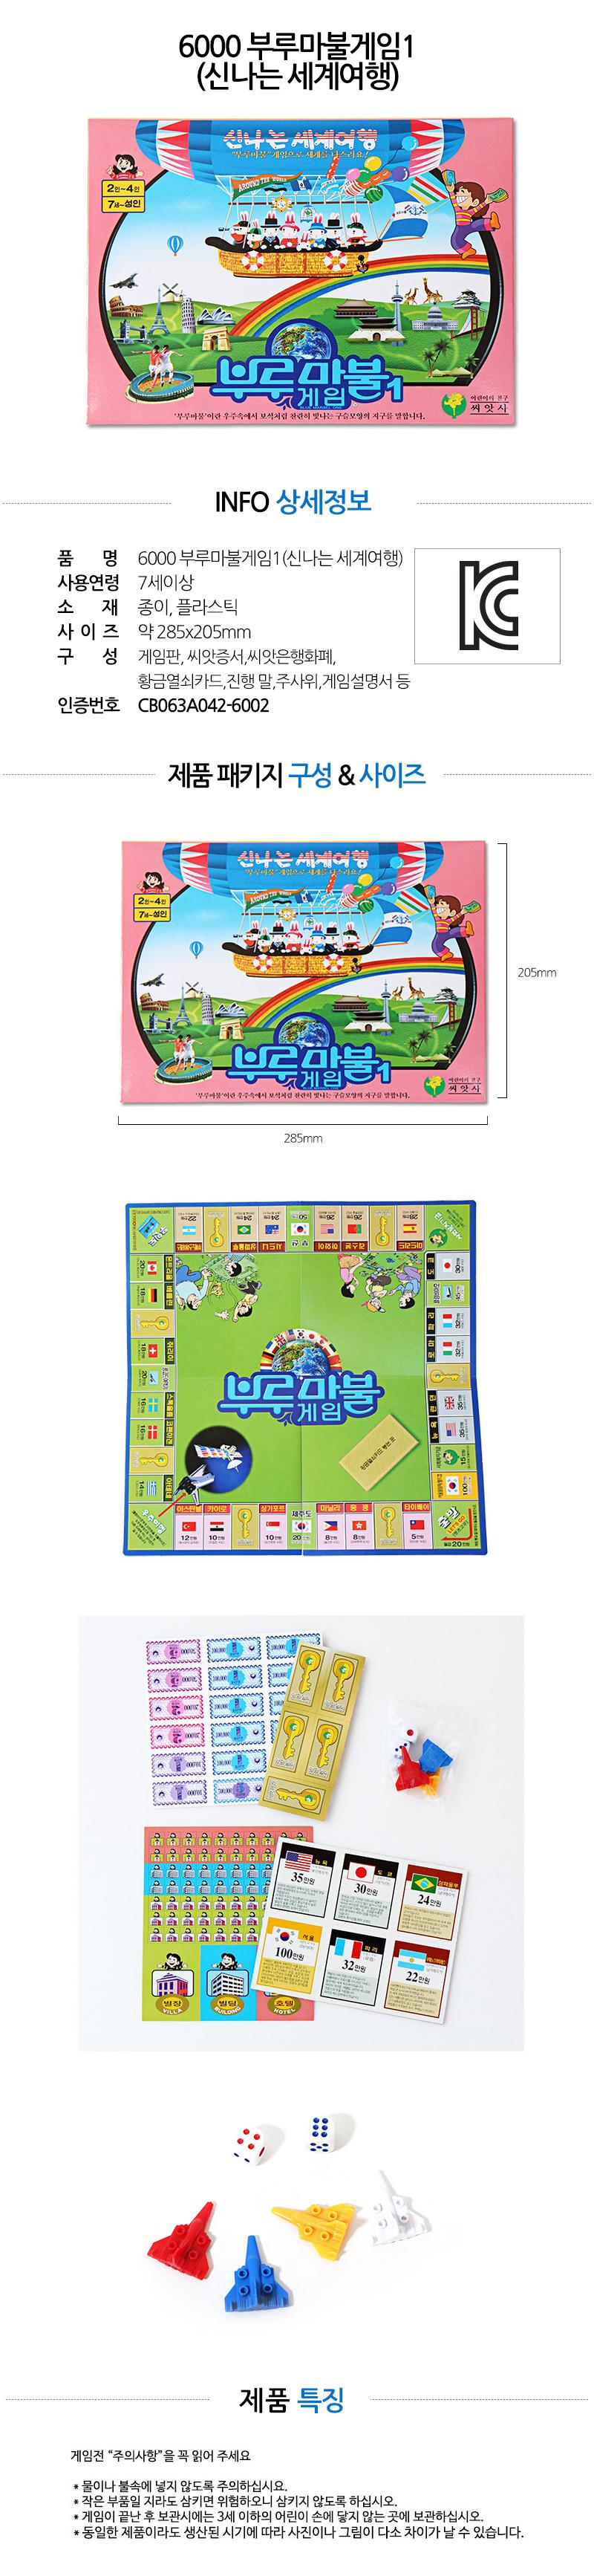 6000부루마불1(신나는세계여행) - 킹콩박스, 6,000원, 보드게임, 전략/전쟁 게임